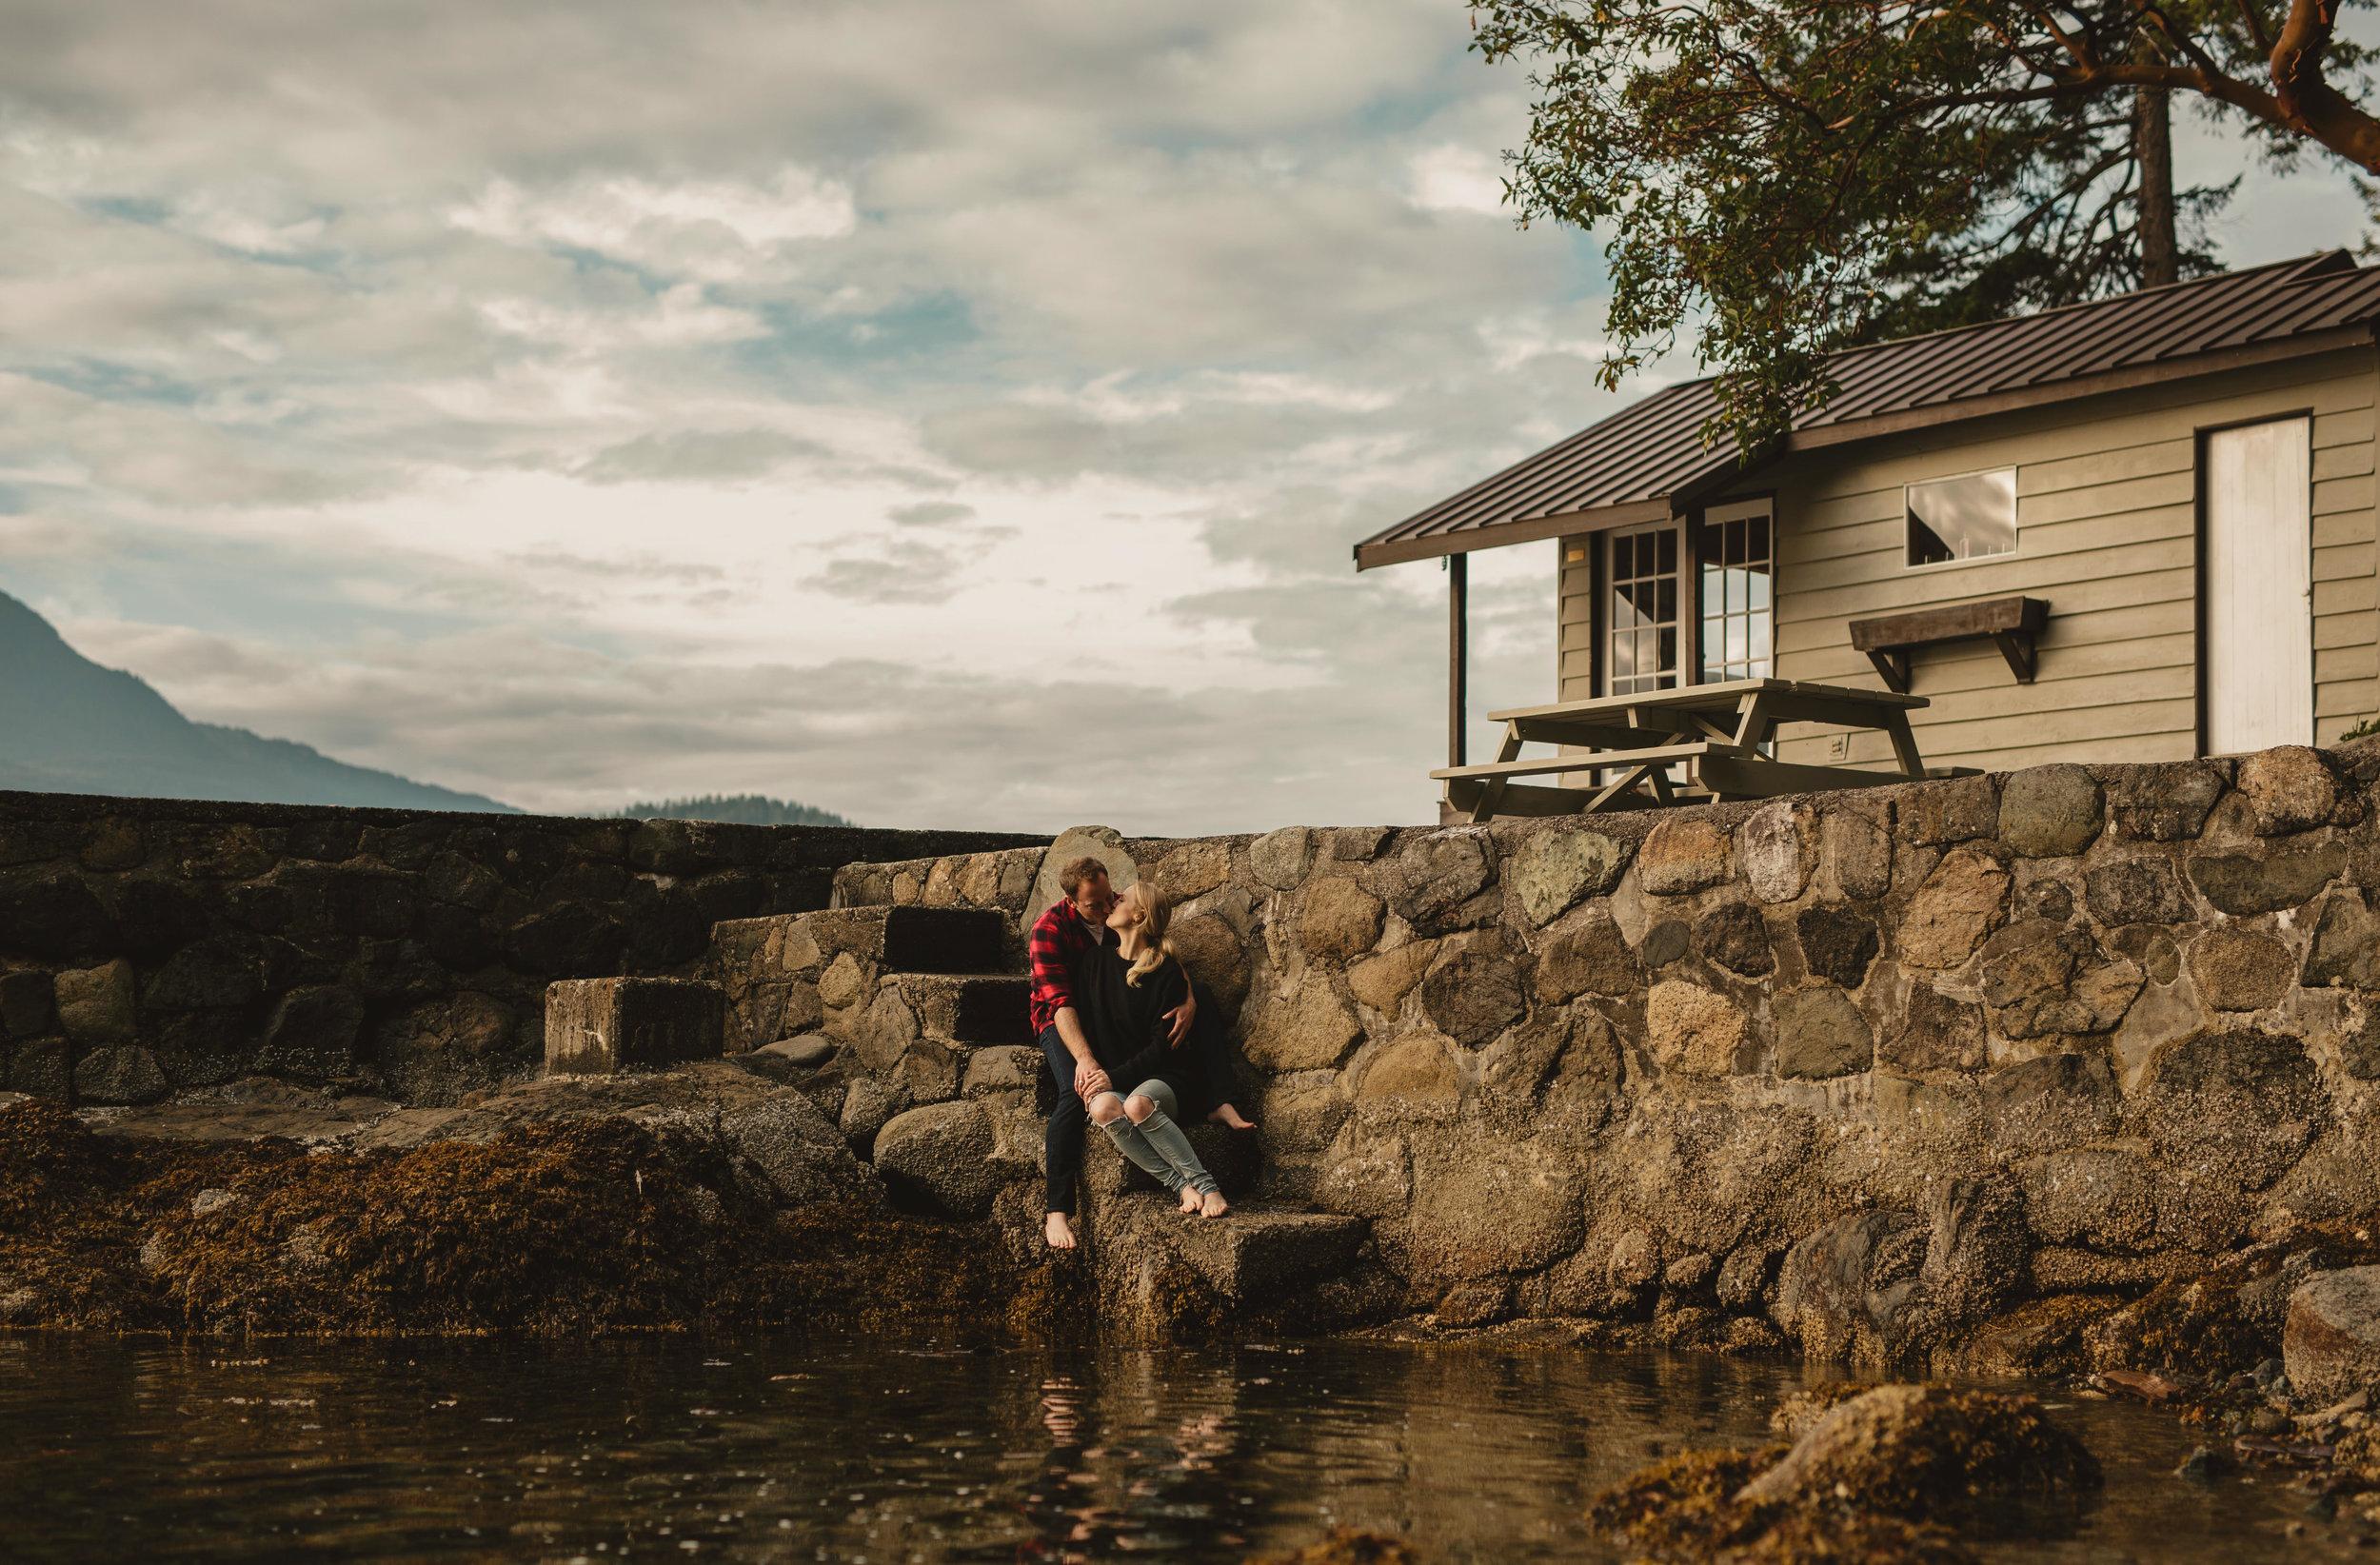 Keats Island Engagement Photos - Sunshine Coast Engagement Photos - Sunshine Coast Wedding Photographer - Vancovuer Wedding Photographer - Jennifer Picard Photography - IMG_9786.jpg